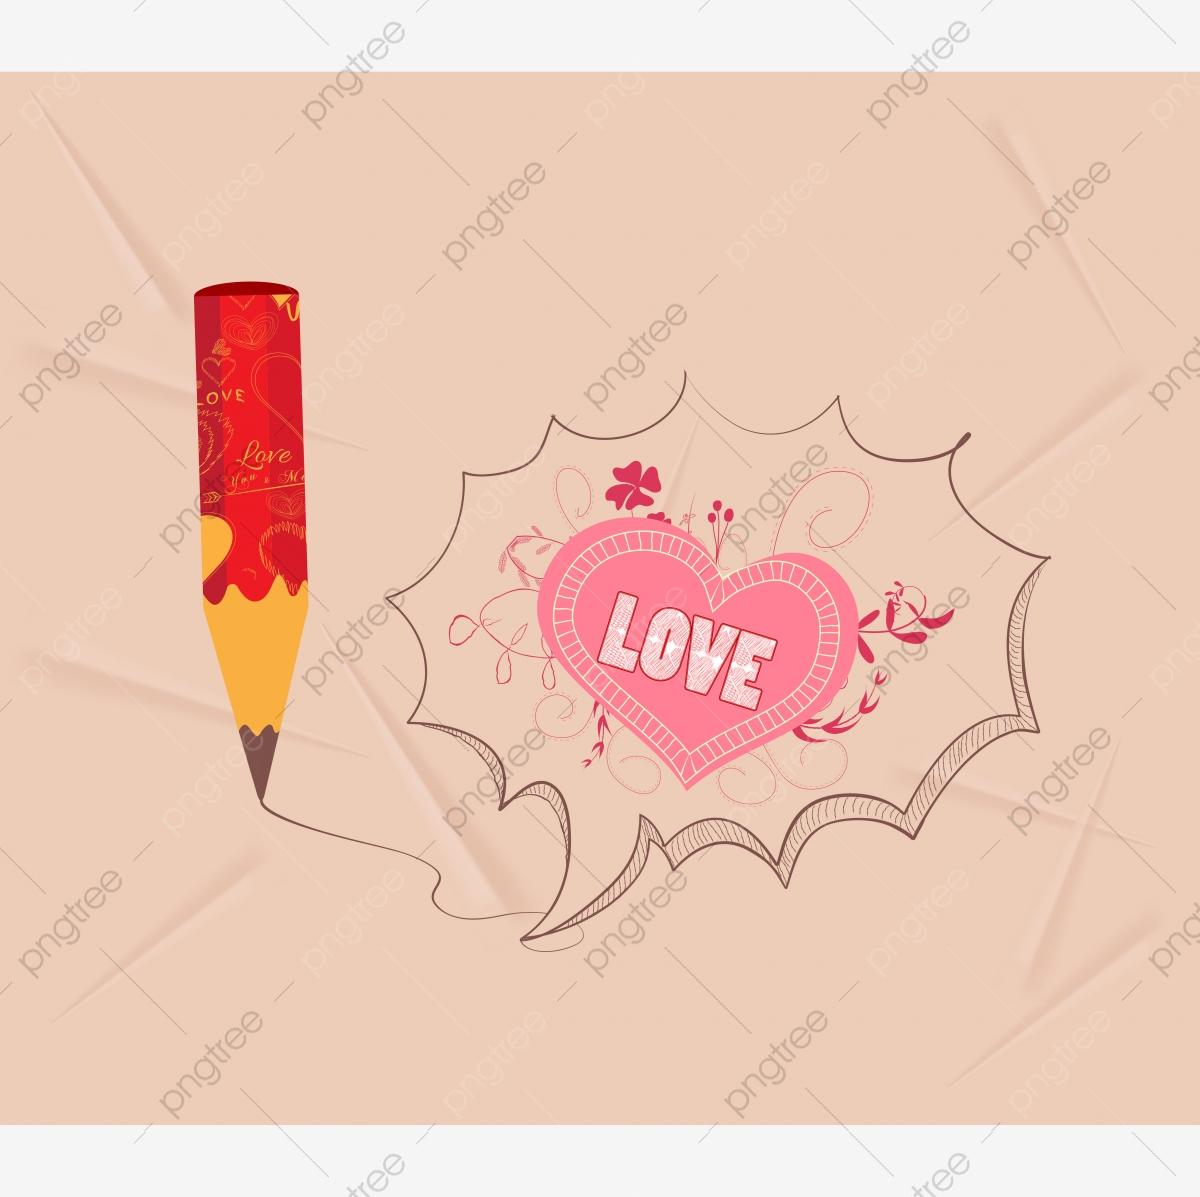 99 Foto Gambar Lukisan Pensil Romantis Gratis